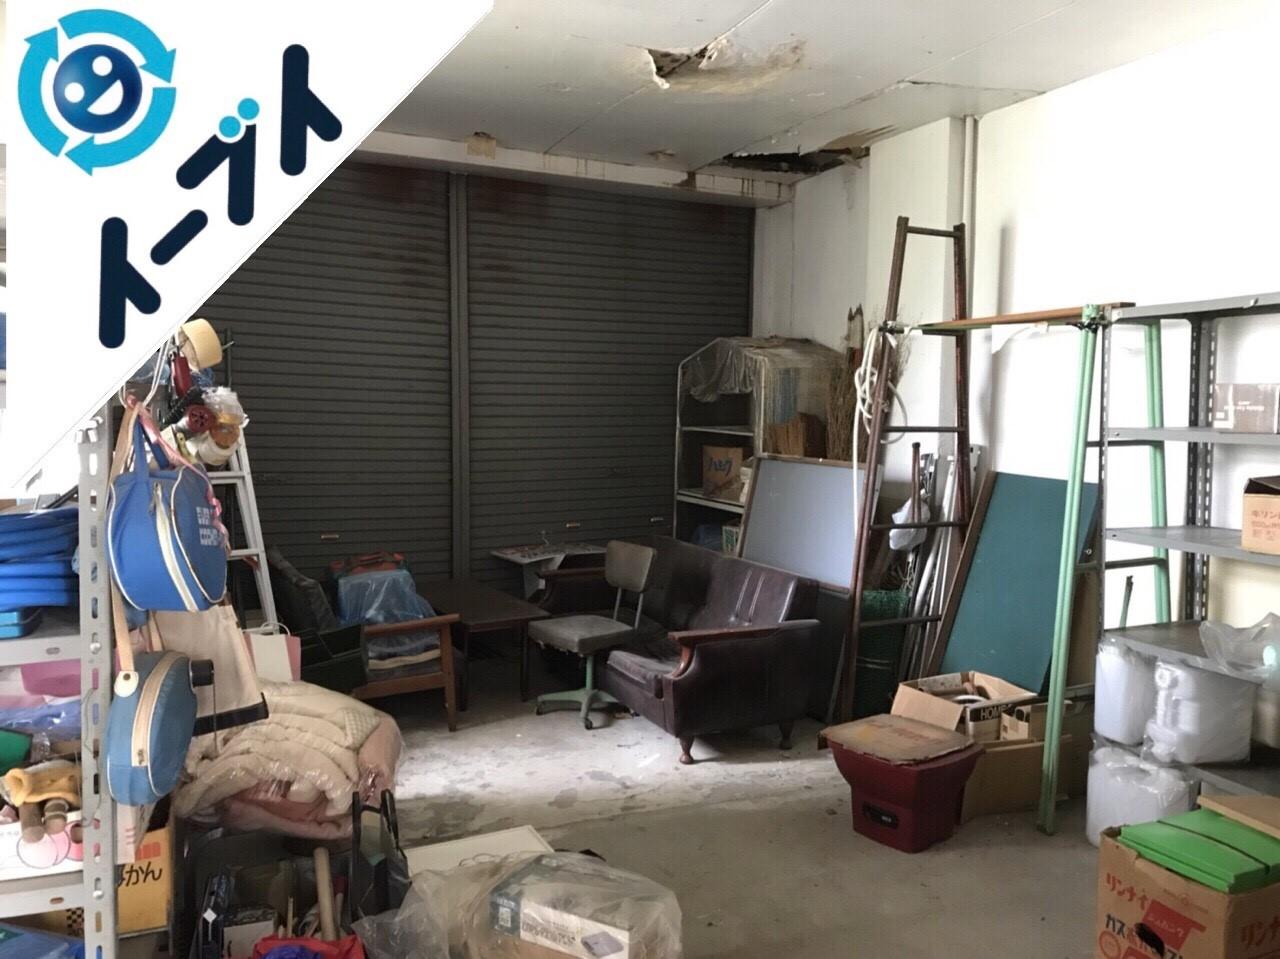 2018年10月22日大阪府堺市美原区で倉庫の廃品回収や階段の粗大ゴミの片付けをしました。写真2